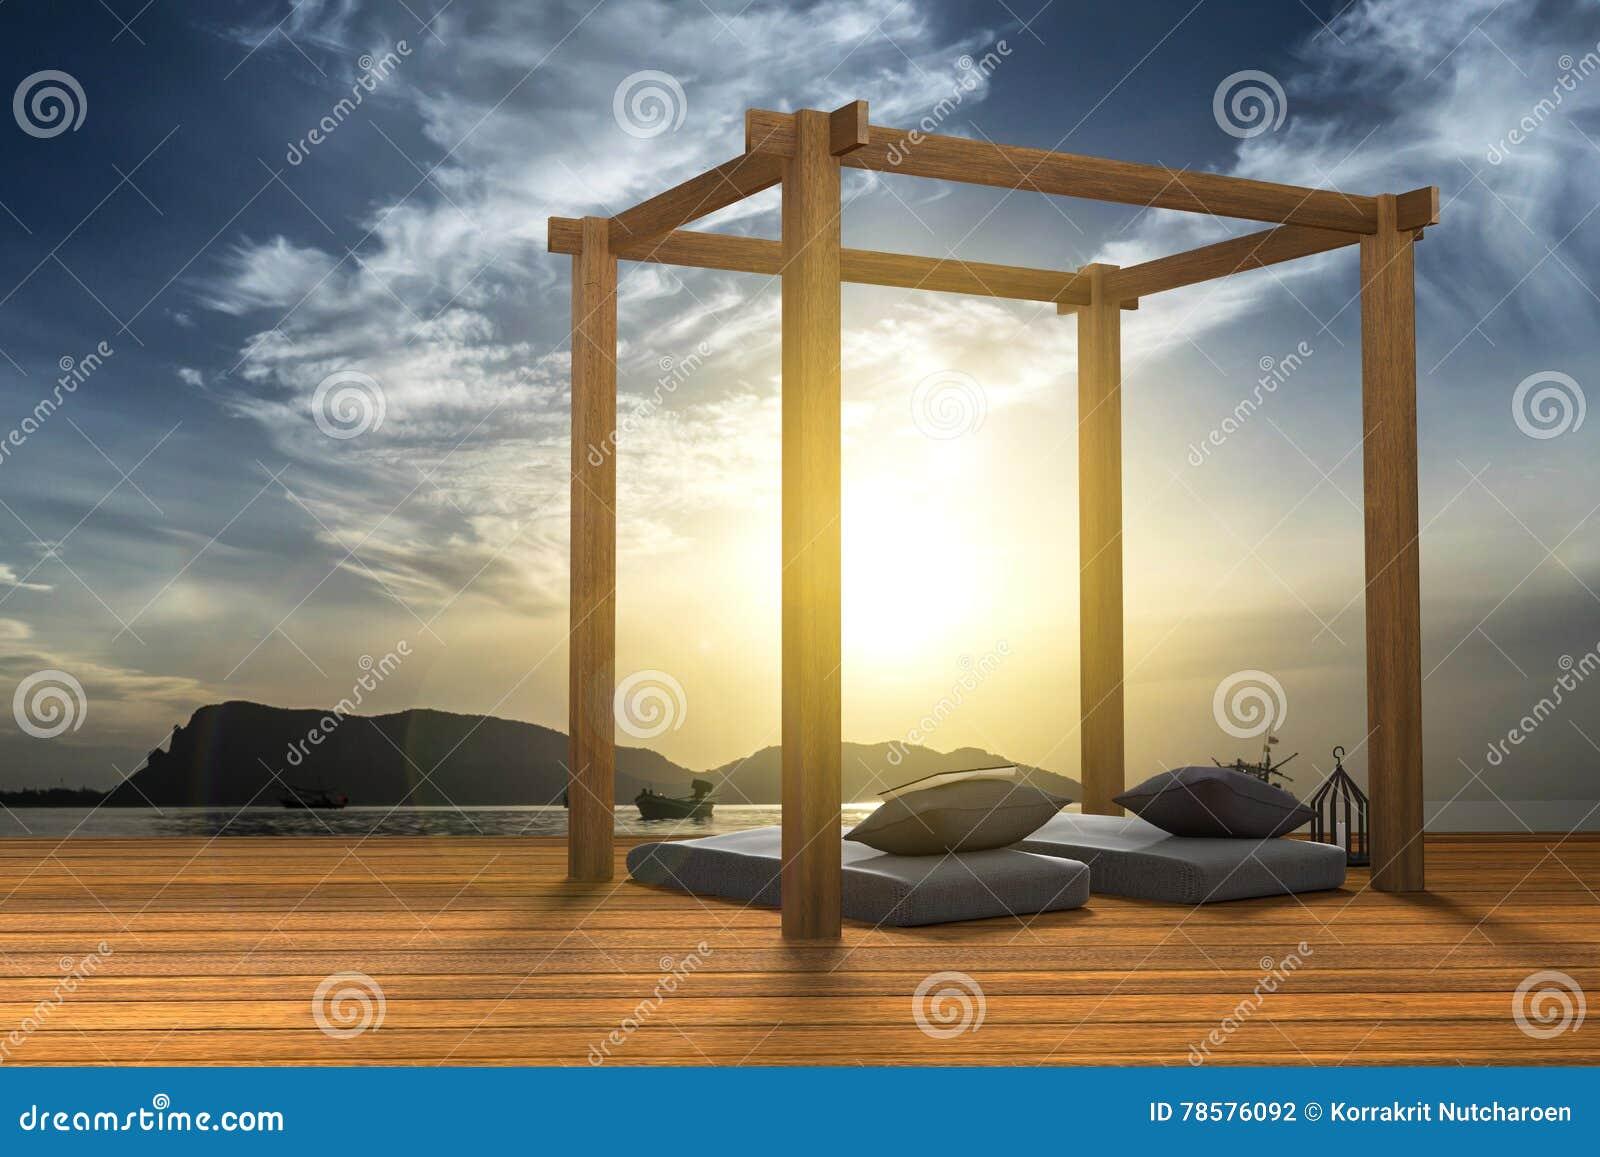 Het 3d teruggeven illustratie van de moderne houten decoratie van de strandzitkamer bij stijl - Decoratie stijl van de bergen ...